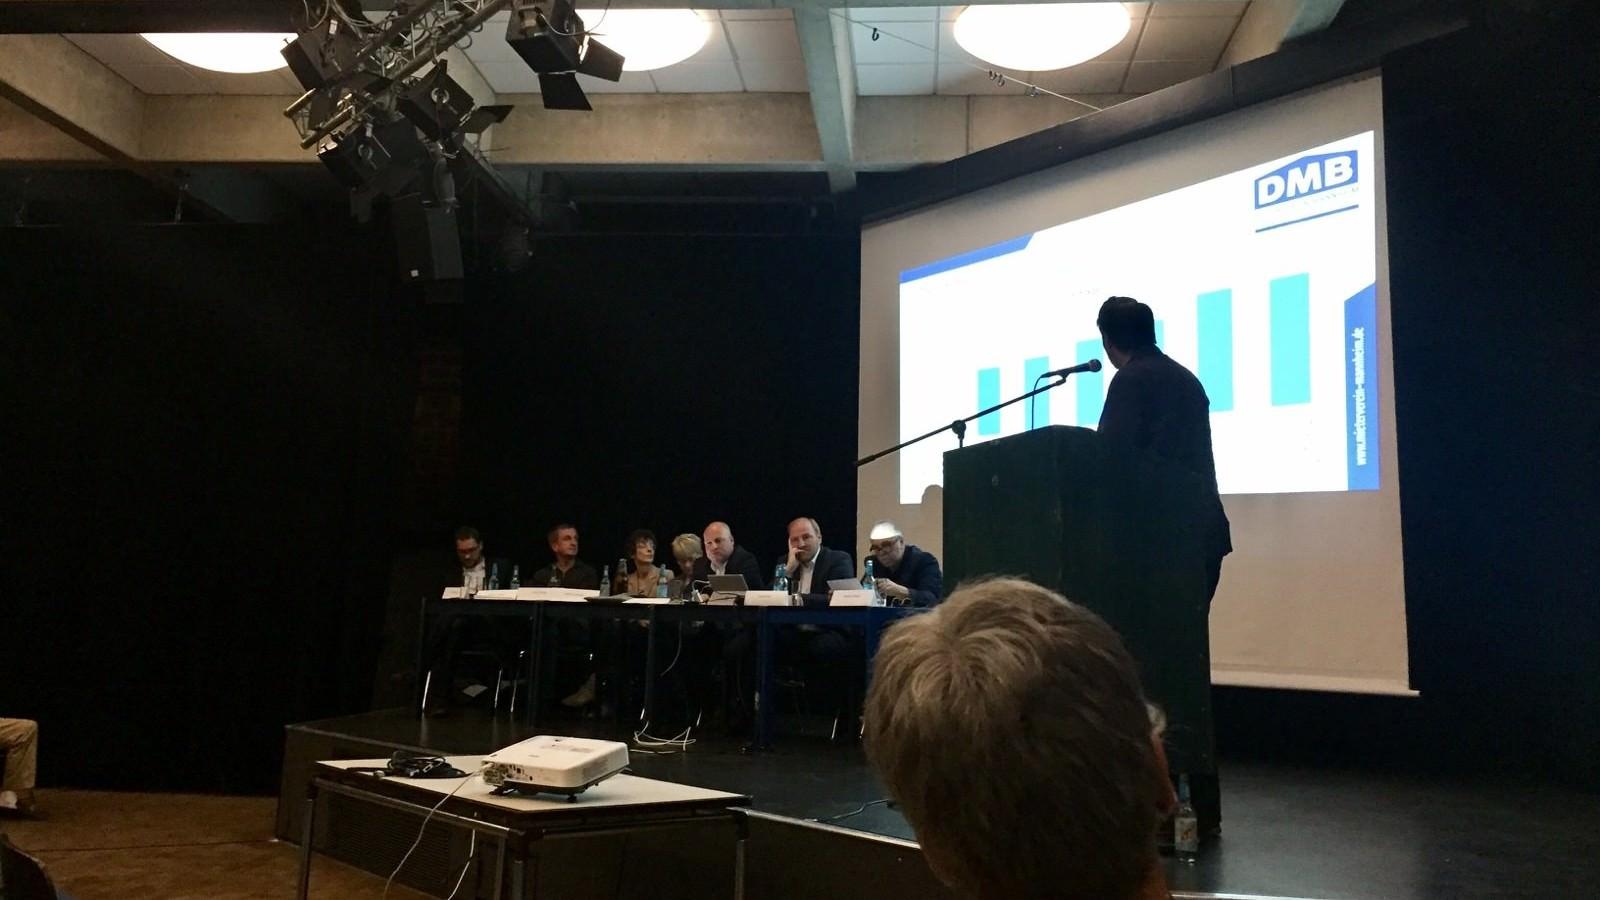 Die Vorstandsmitglieder und der Sitzungsleiter verfolgen die Vorstellung der Vereinsfinanzen durch Benjamin Klingler | Foto: privat